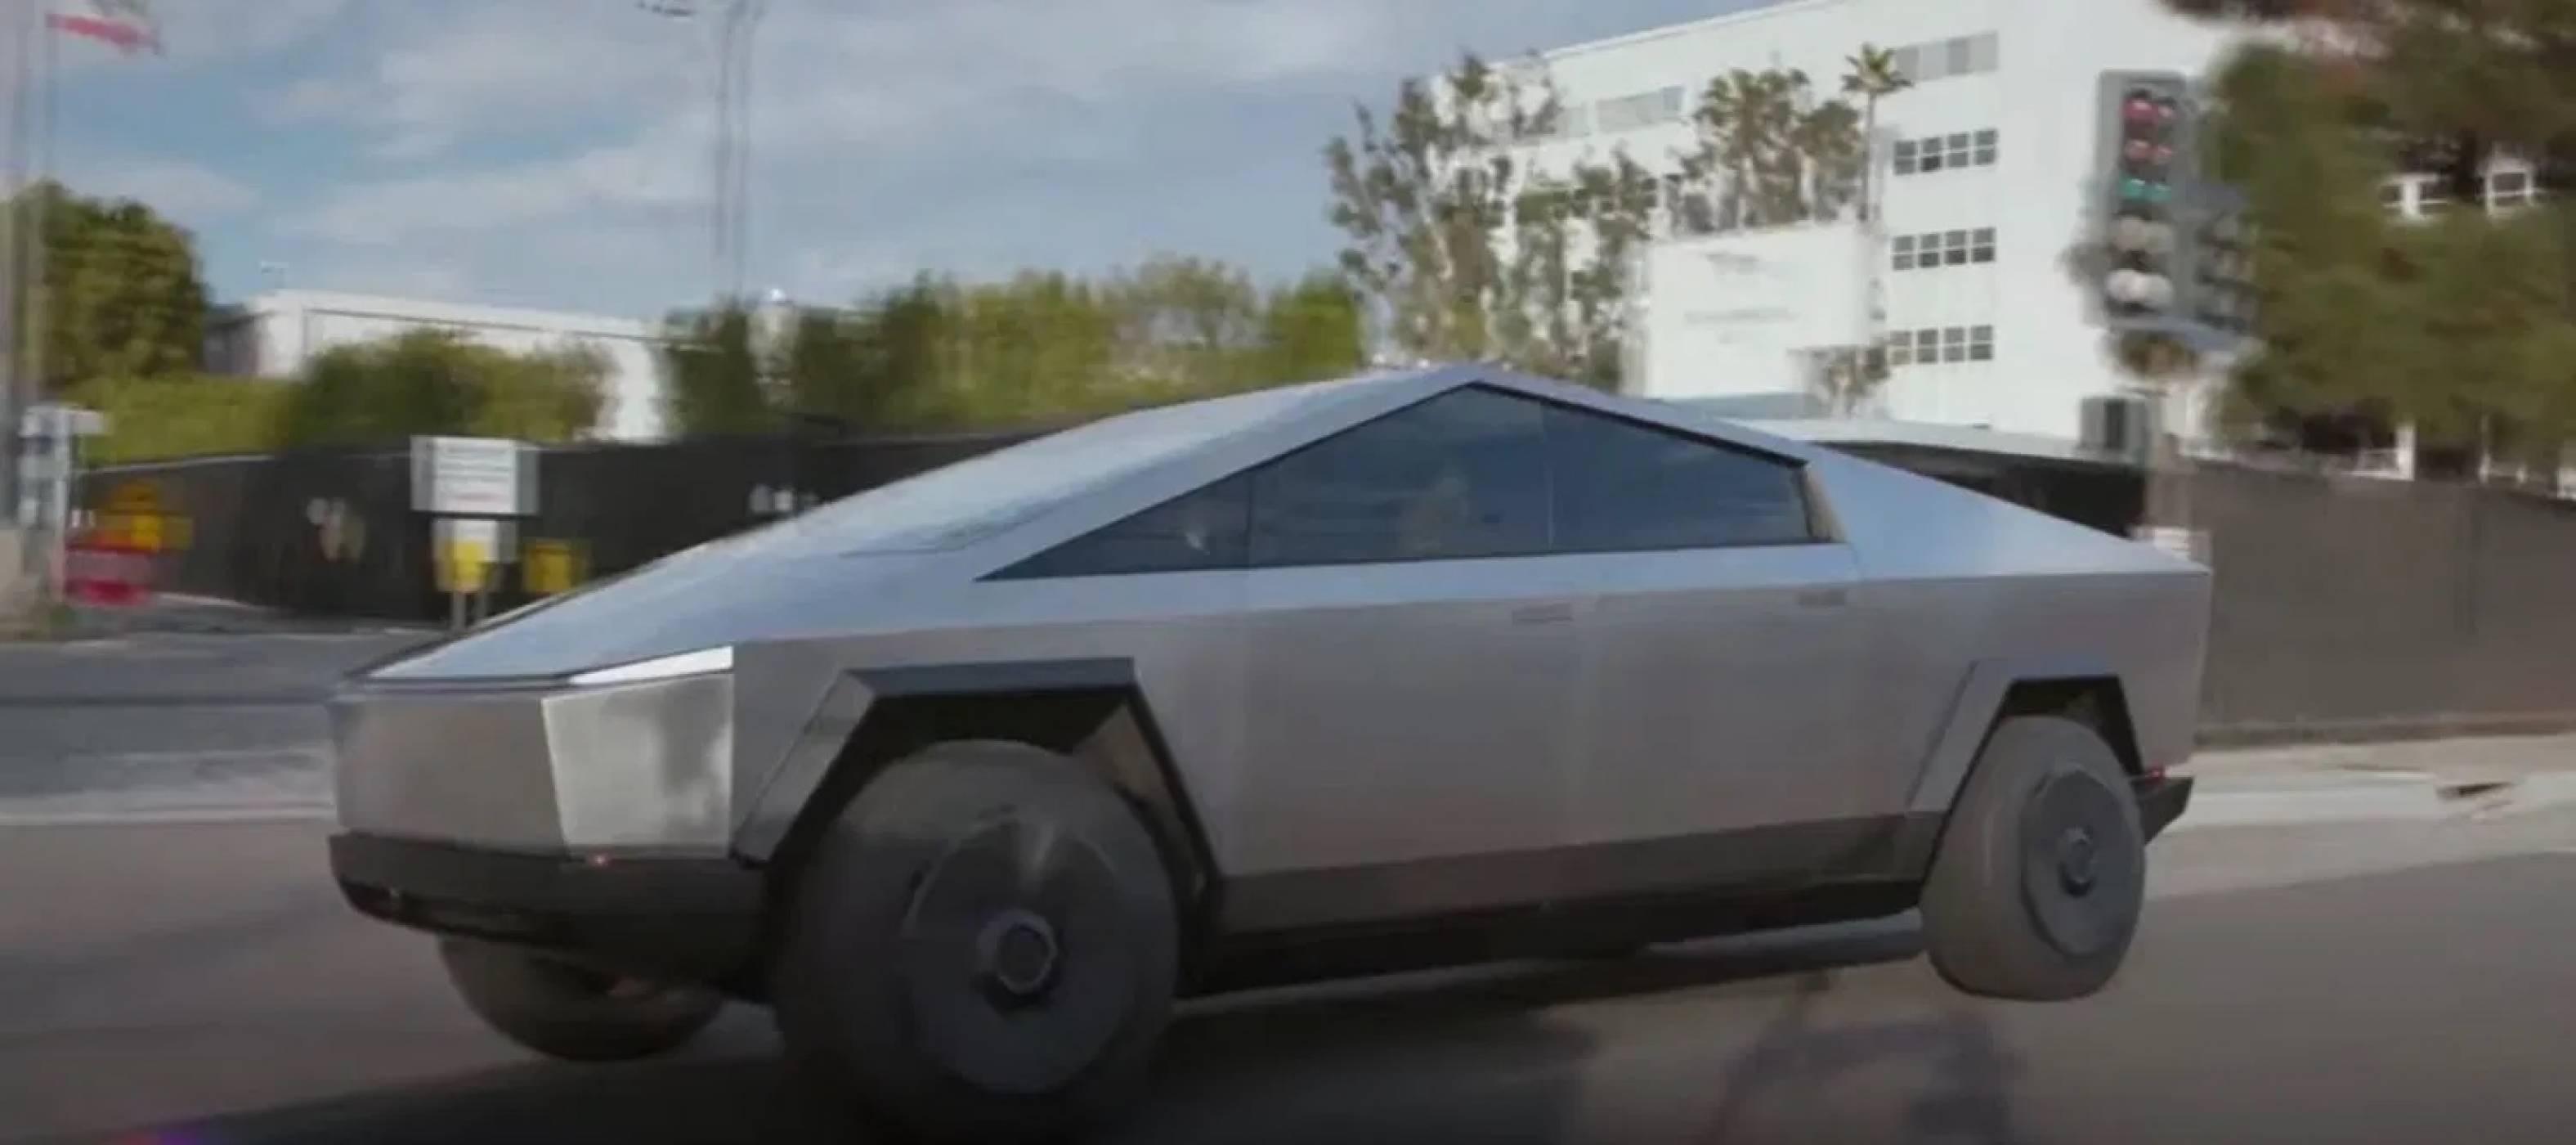 Tesla Cybertruck ще обикаля Америка, за да убеждава в класата си (ВИДЕО)